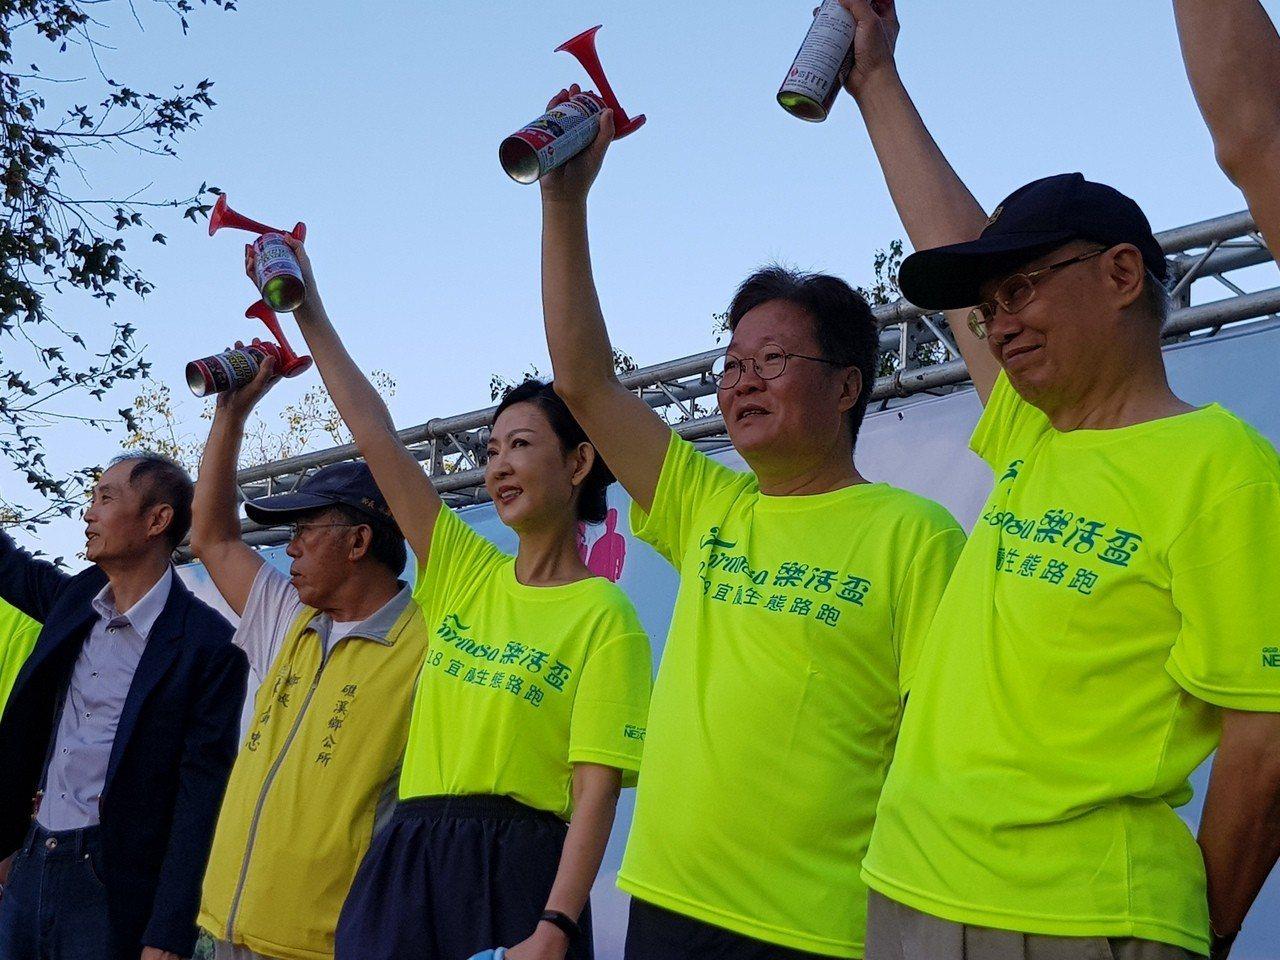 台塑集團「Formosa樂活盃-宜蘭生態路跑活動」今天在宜蘭礁溪舉行,由台塑企業...